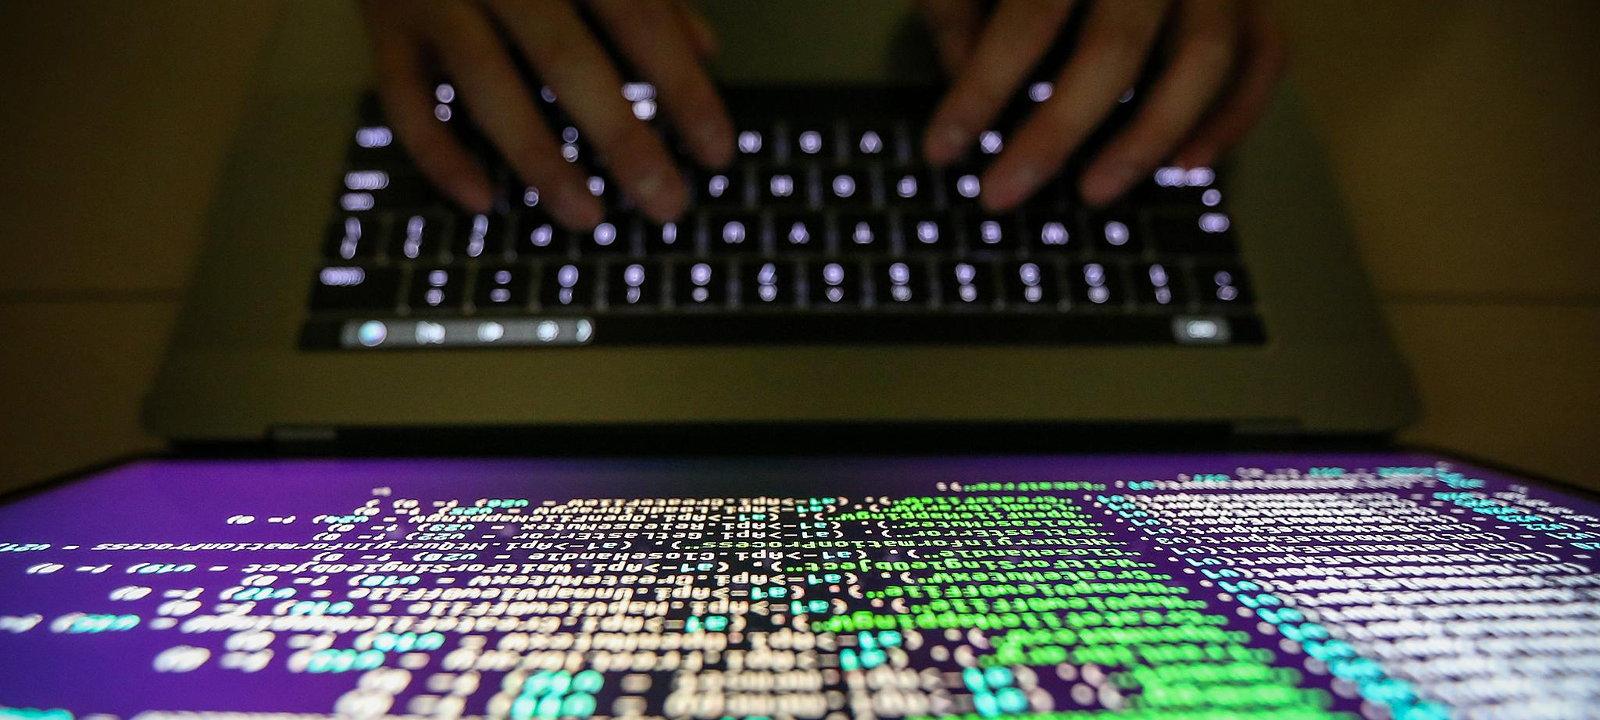 Хакер ищет авторов. Читатель? Хакер? Программист? Безопасник? Мы тебе рады!